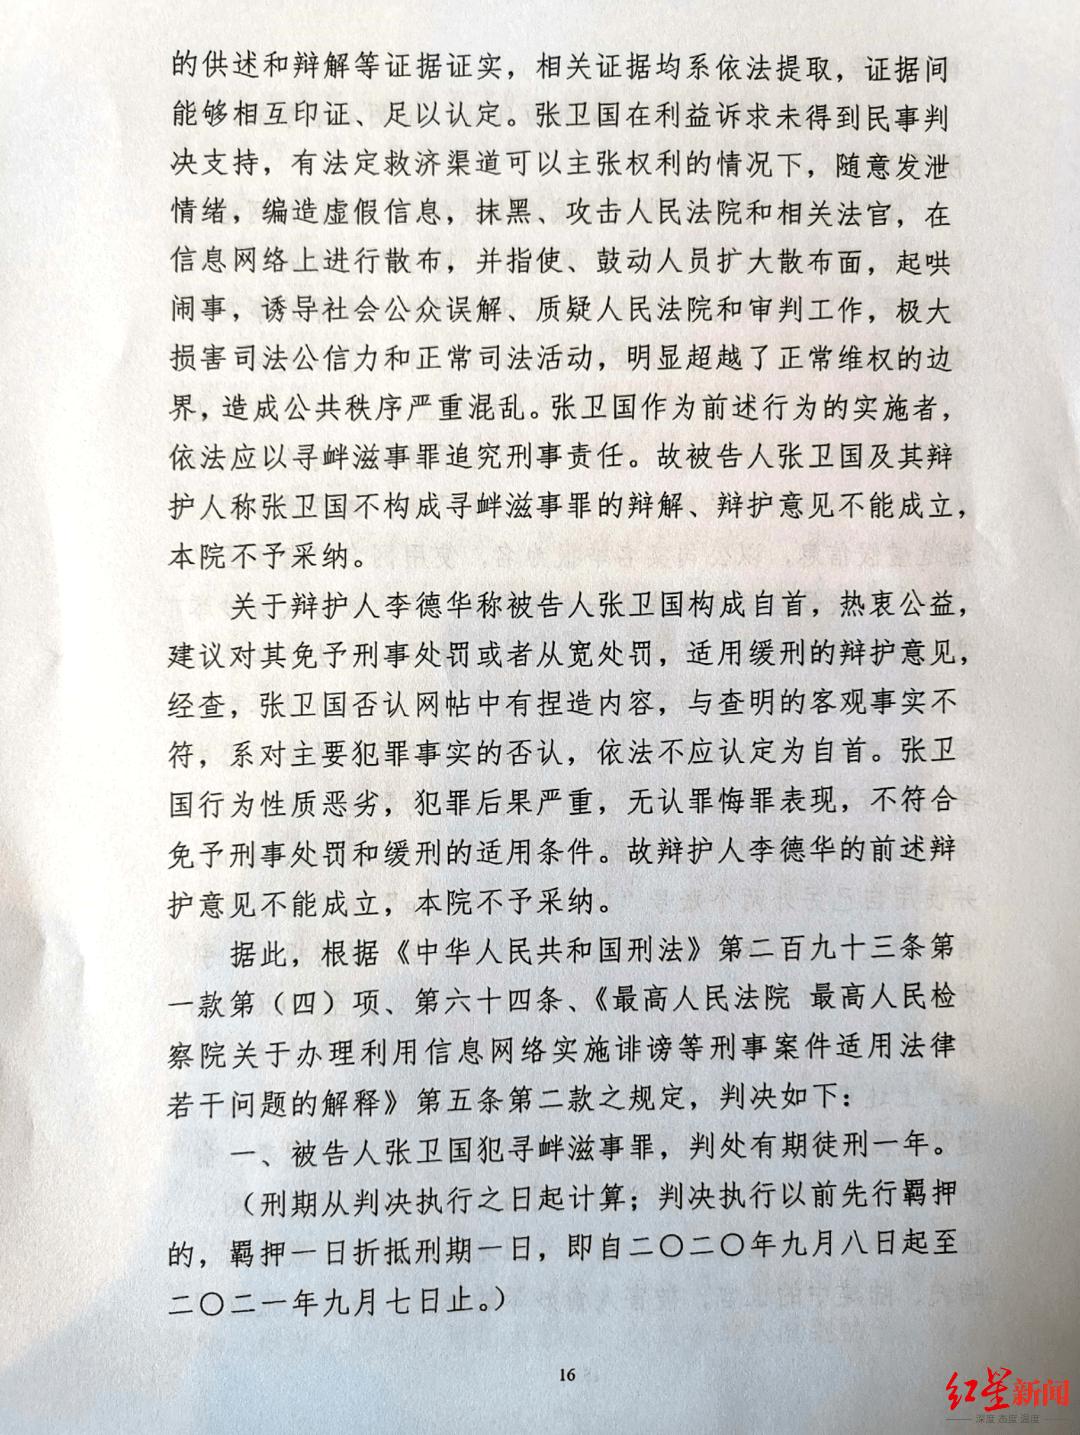 江苏企业家网络实名举报法官 一审被判寻衅滋事罪获刑一年:法官正常履职